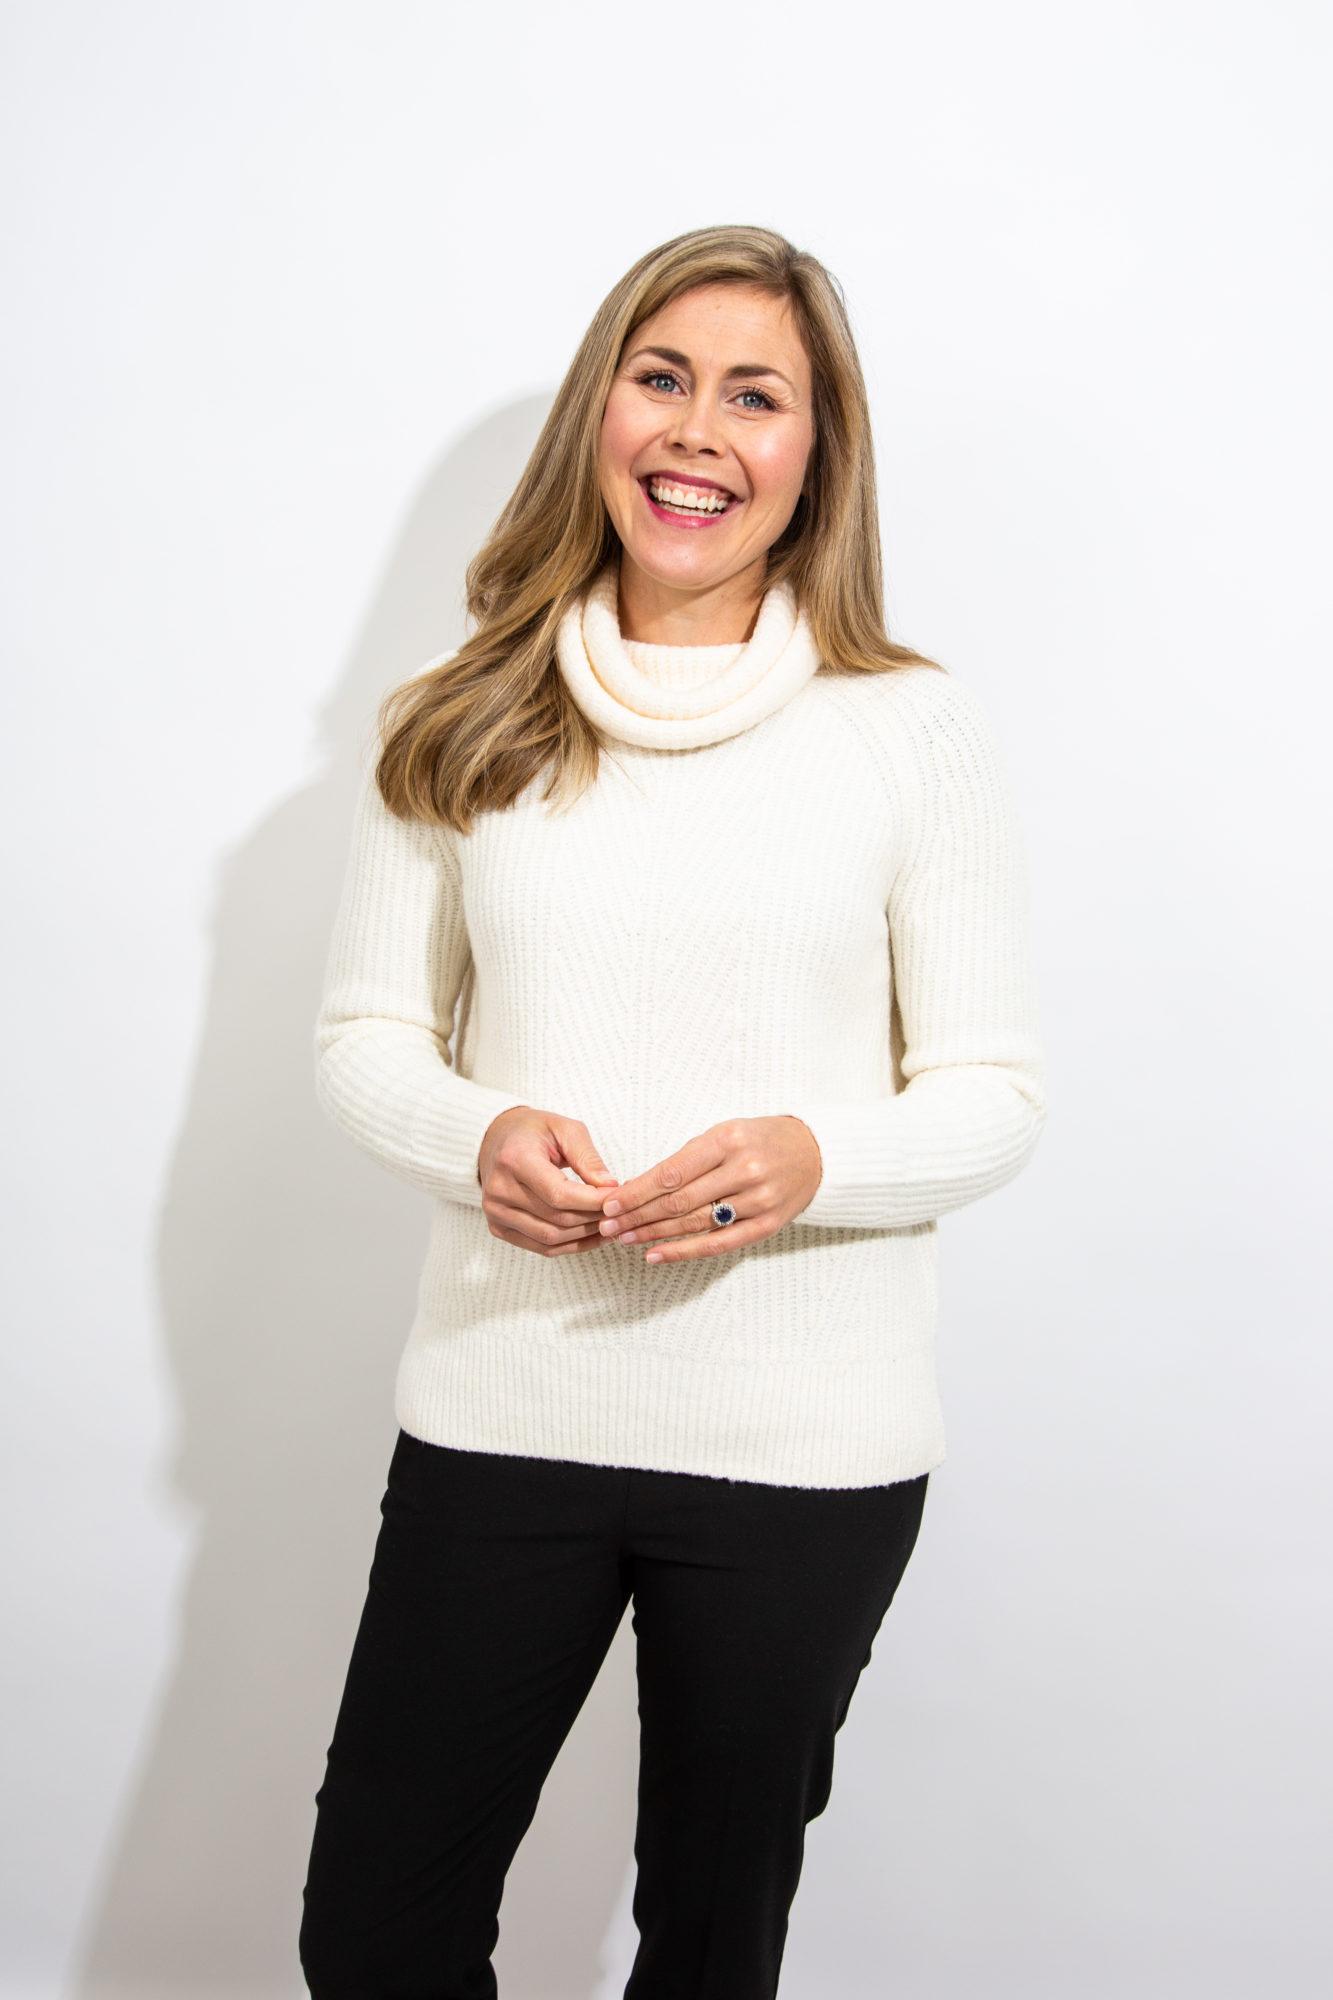 Jessica Kunzer | 2020 SAMYS